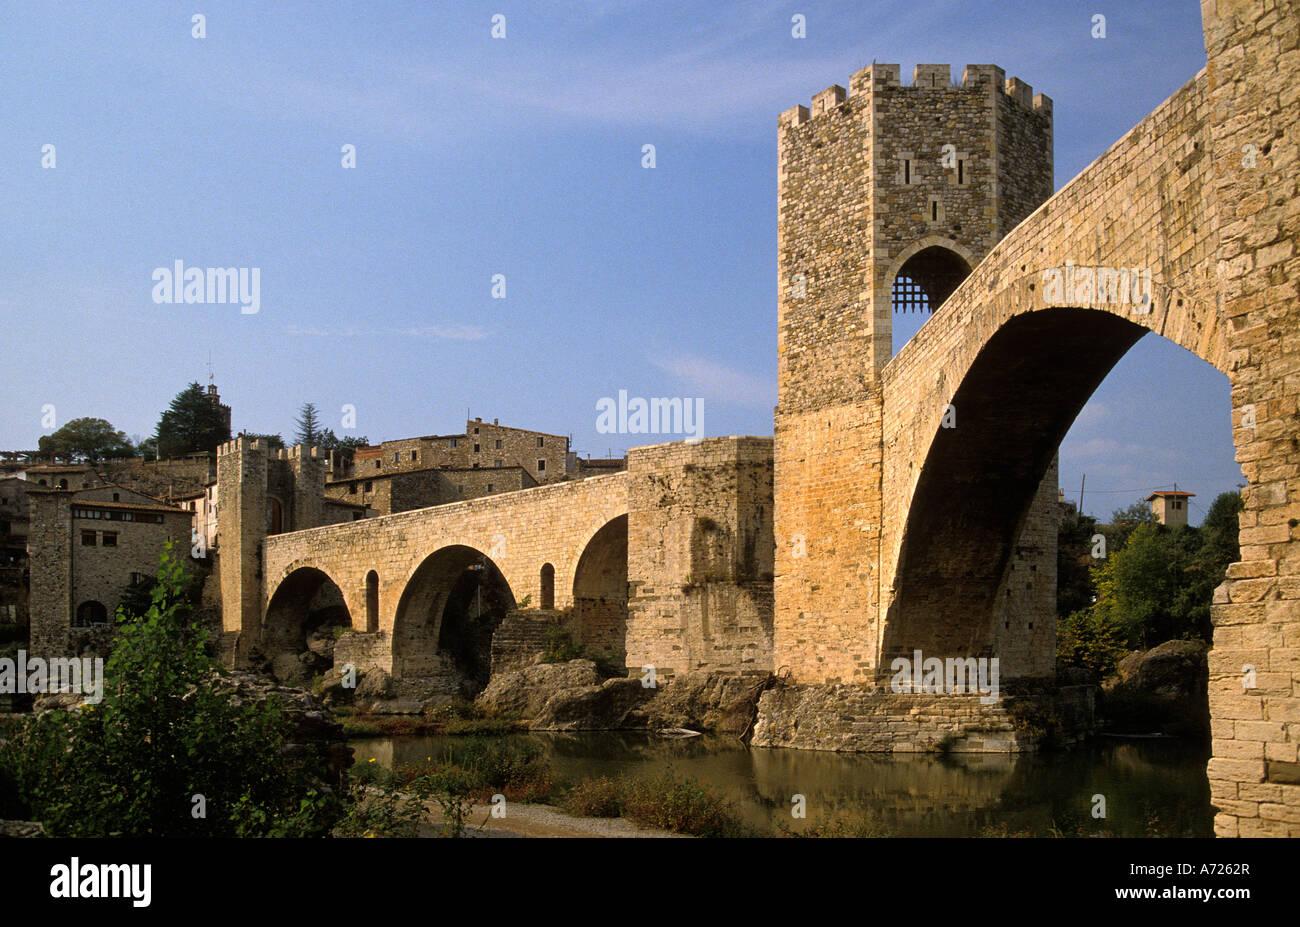 Mittelalterliche, befestigte Brücke von Besalú, Katalonien, Spanien Stockbild